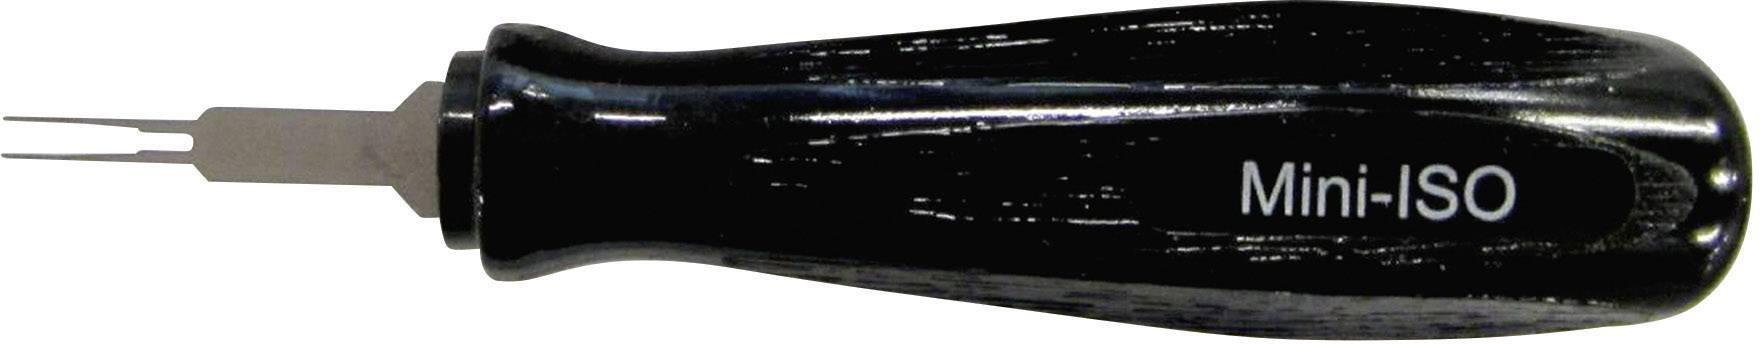 Nástroj pre vyberanie pinov z mini ISO konektora AIV 43 0340